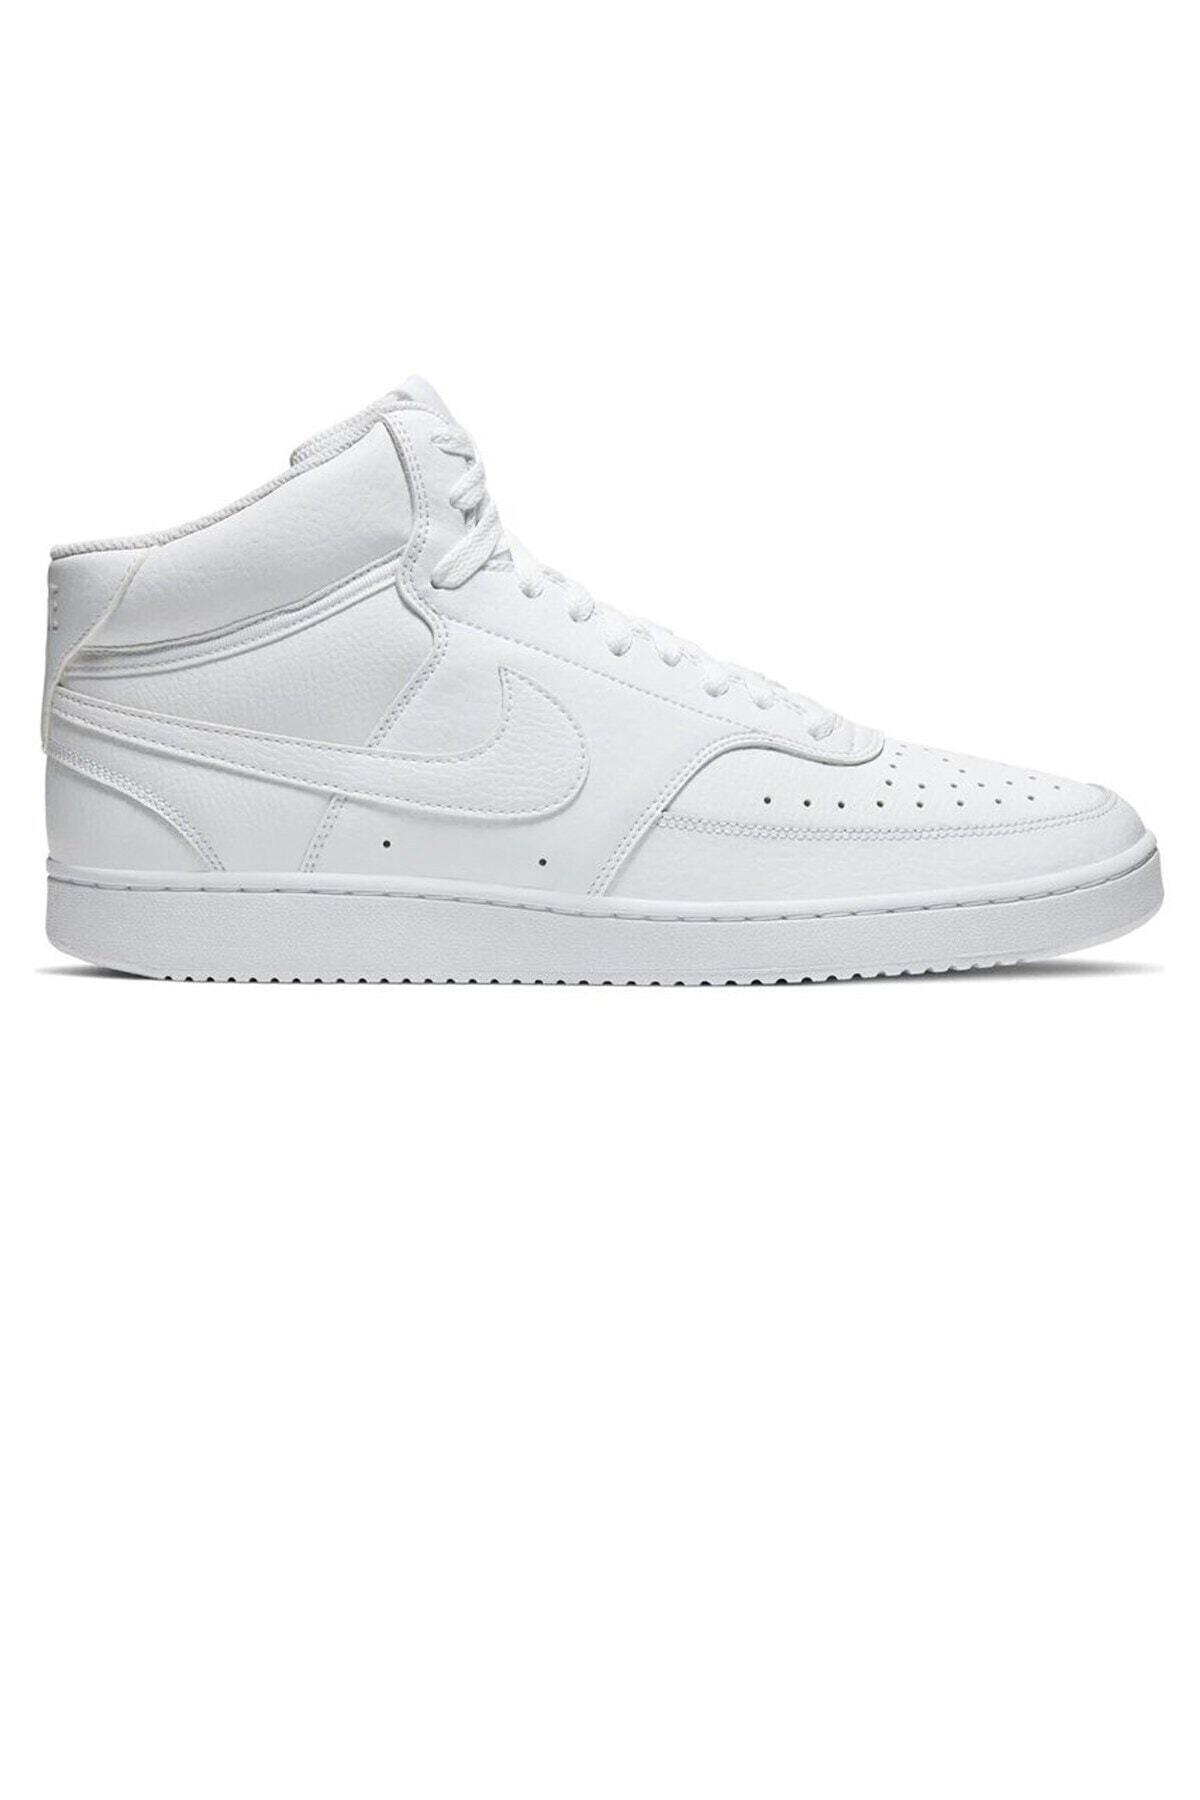 Nike Court Vision Mid Erkek Günlük Ayakkabı Cd5466-100 2